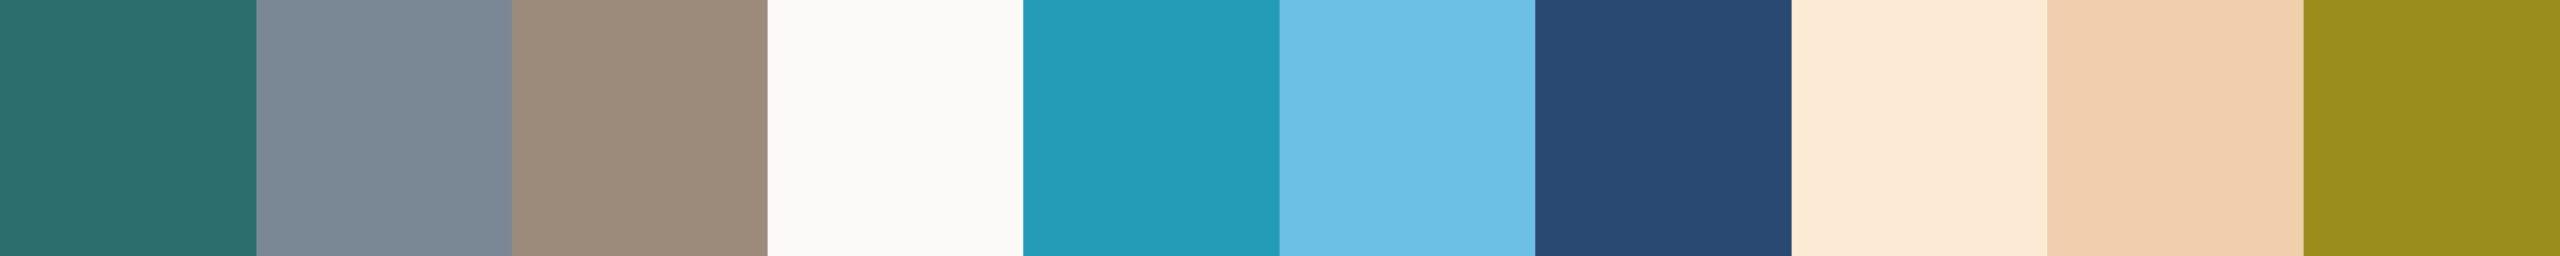 171 Icrevia Color Palette